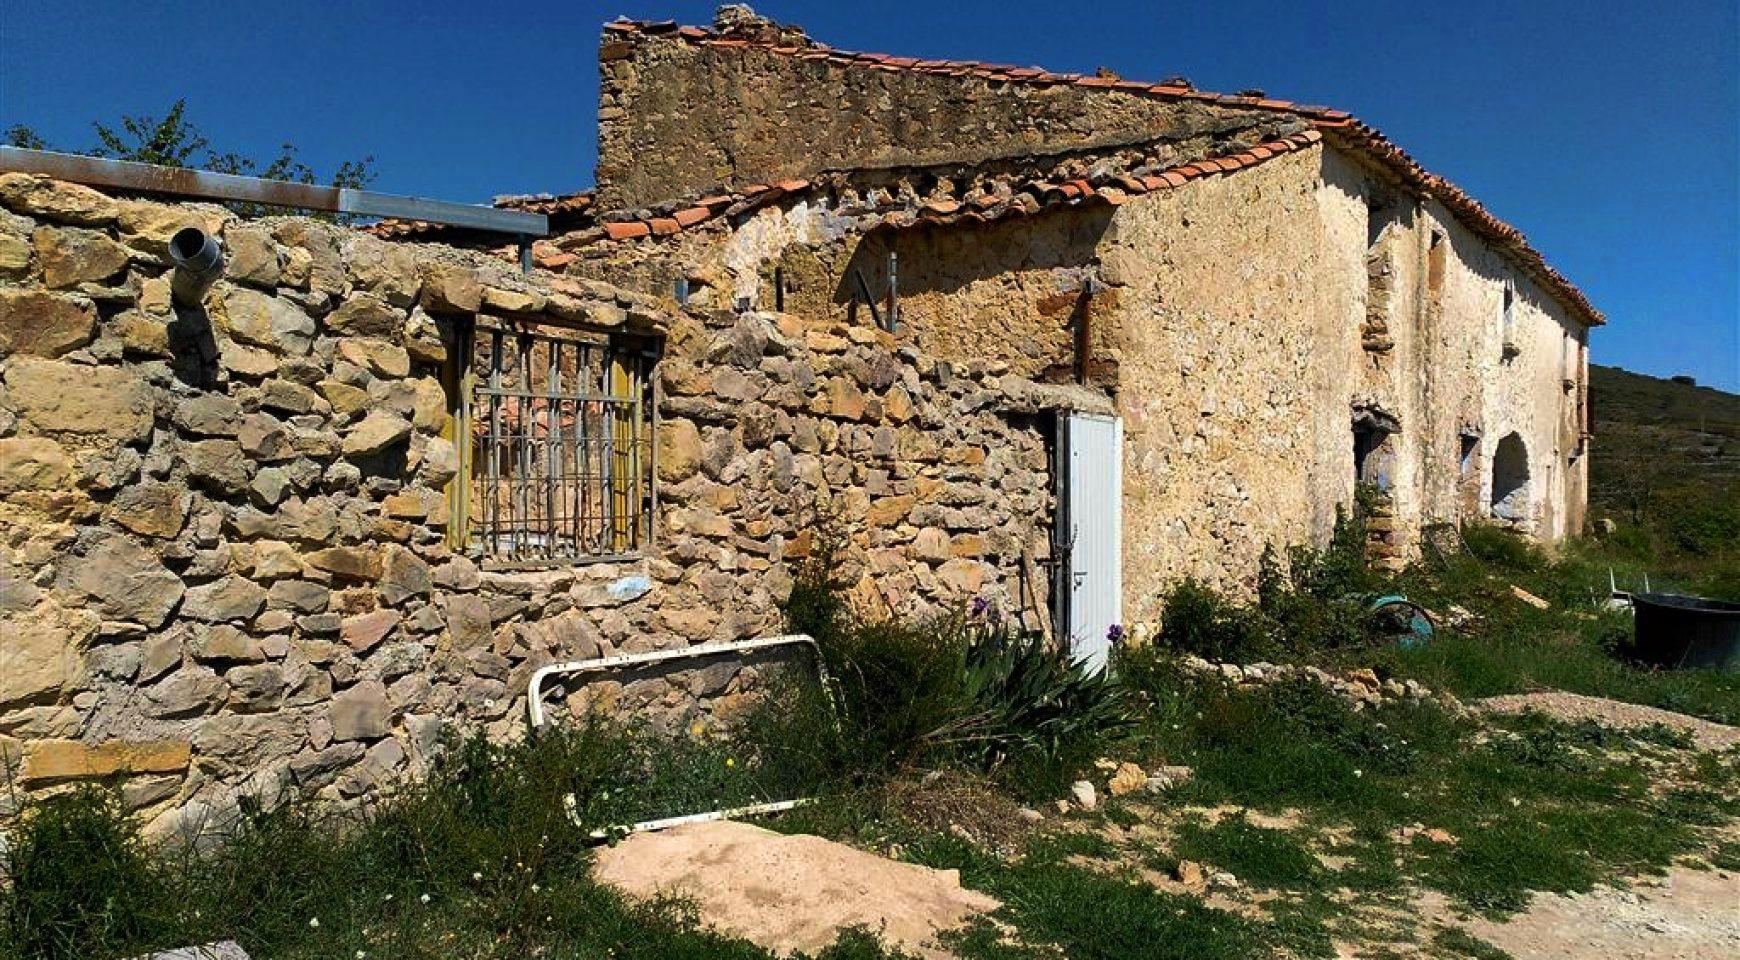 Masía abandonada en la zona del Pou de la Riba, Atzeneta del Maestrat